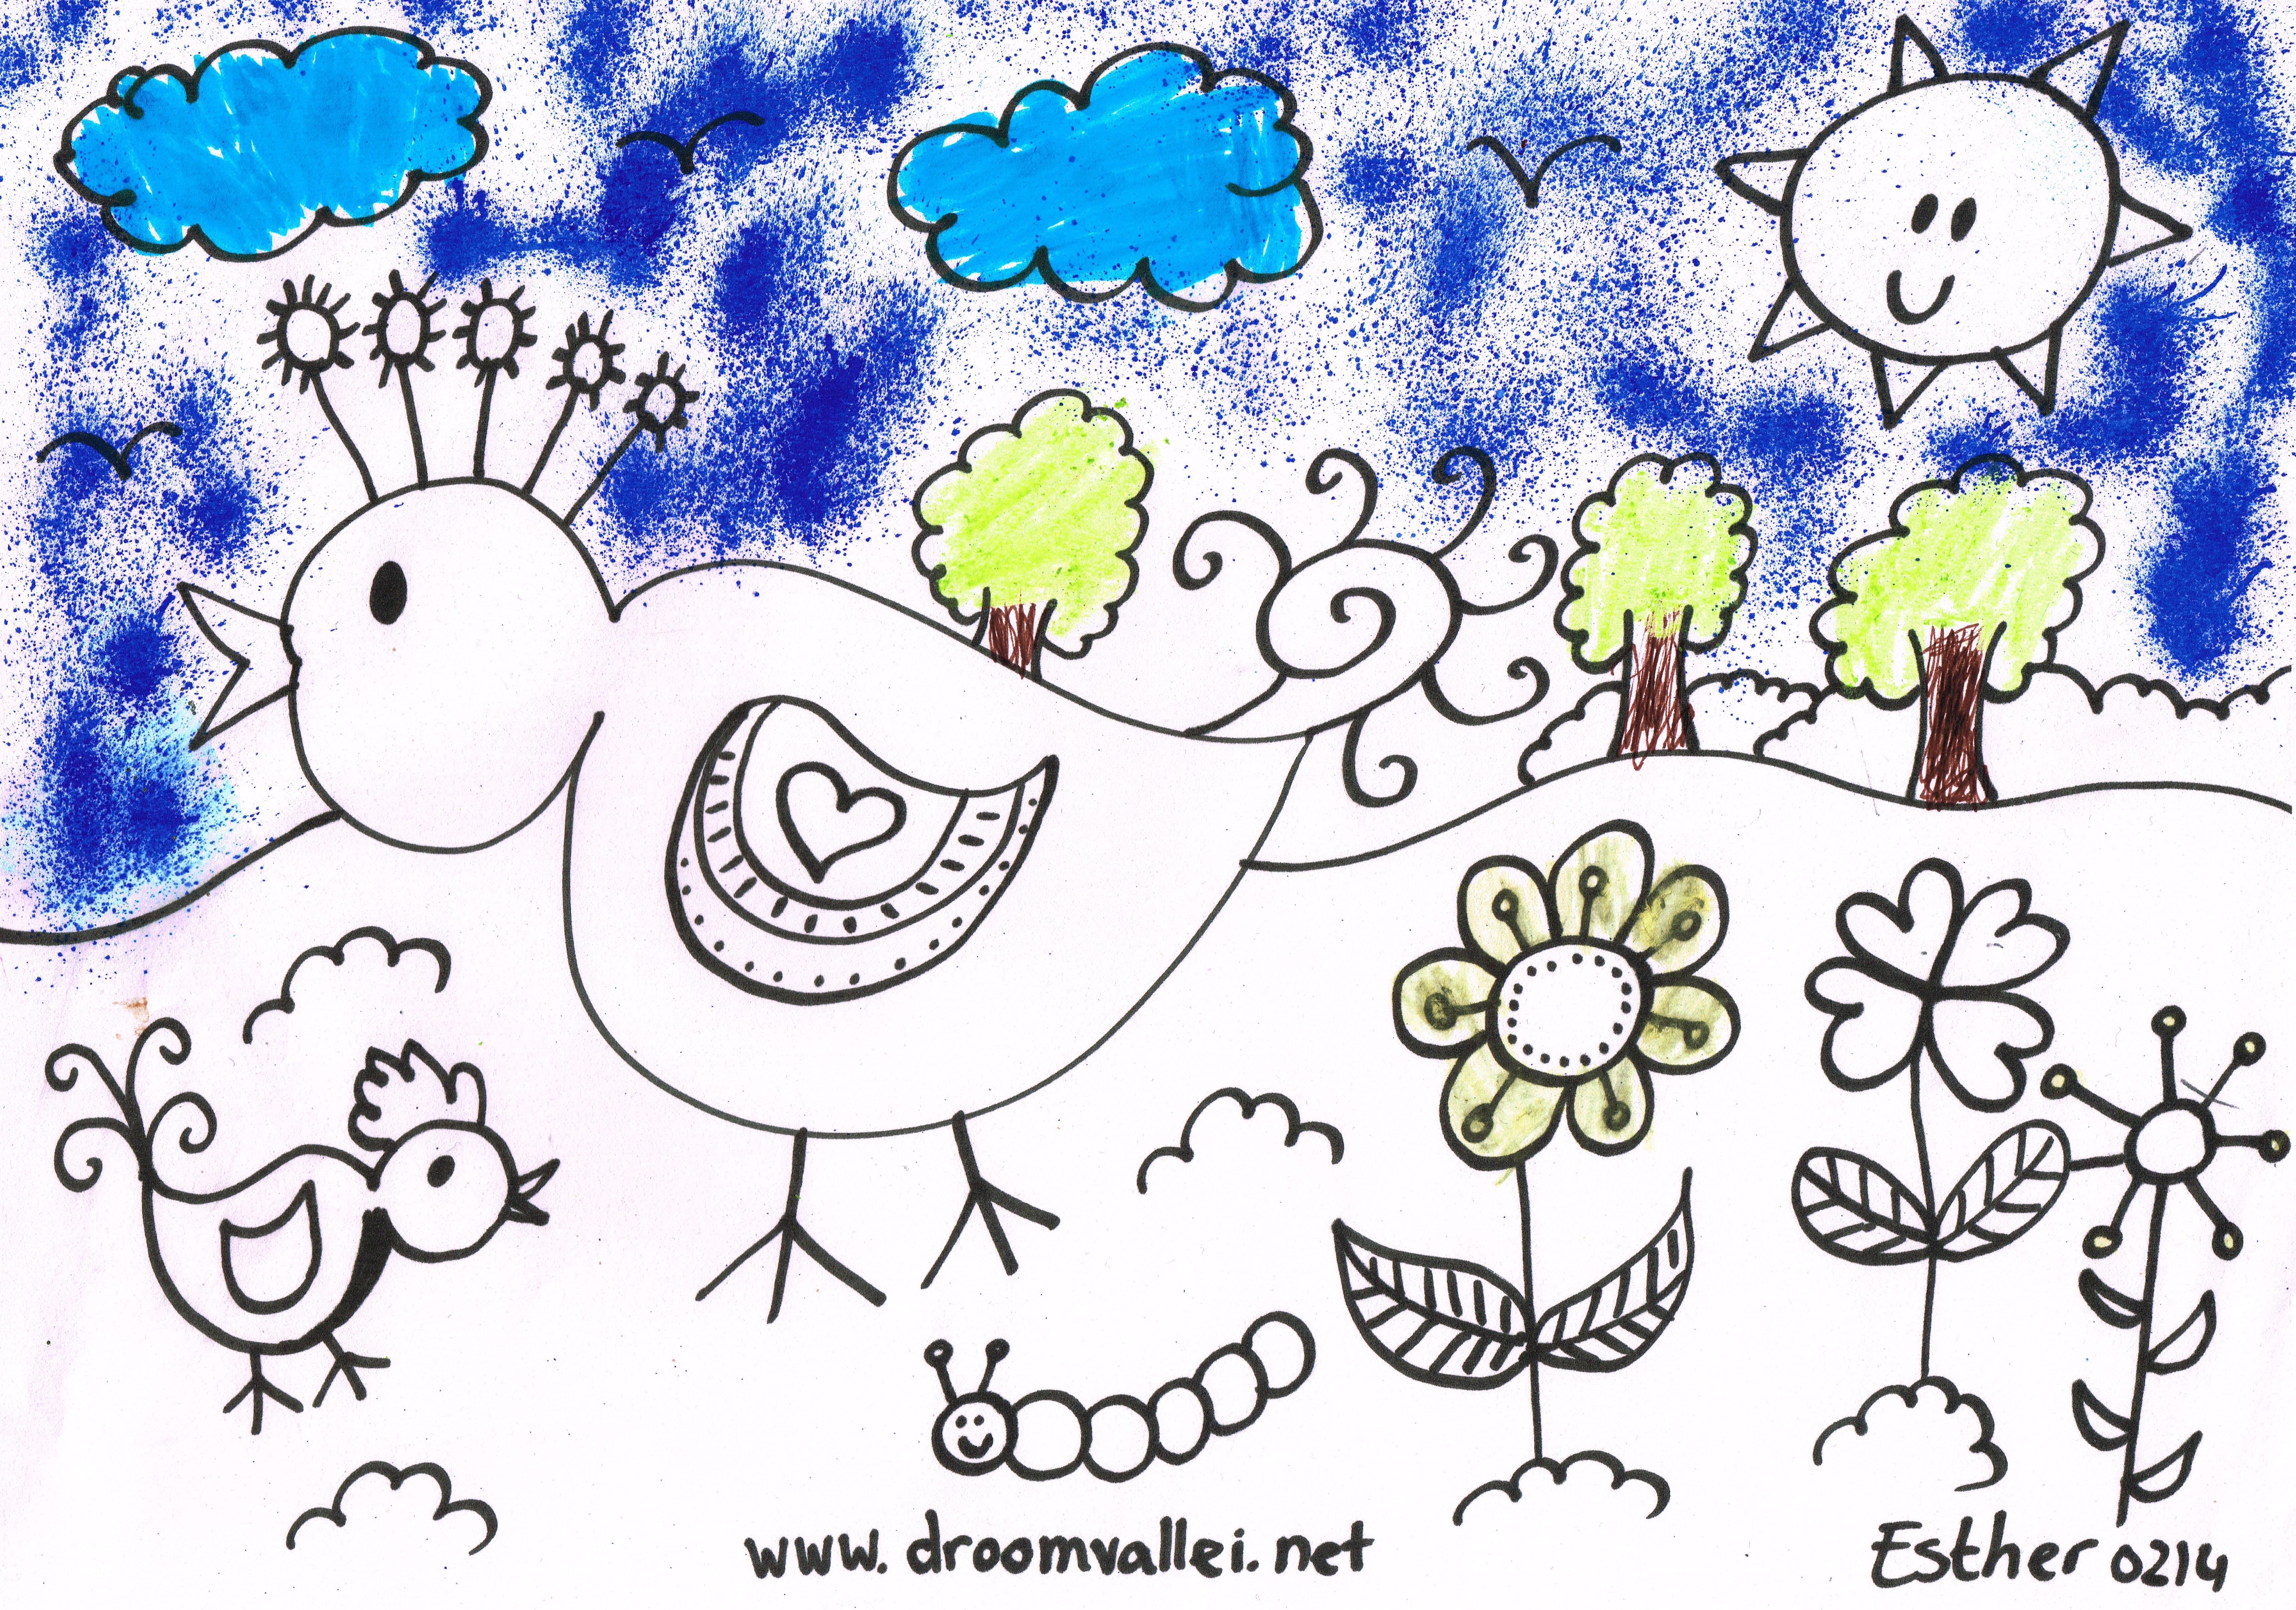 Kleurplaten Over Vogels.Kleurplaten De Droomvallei